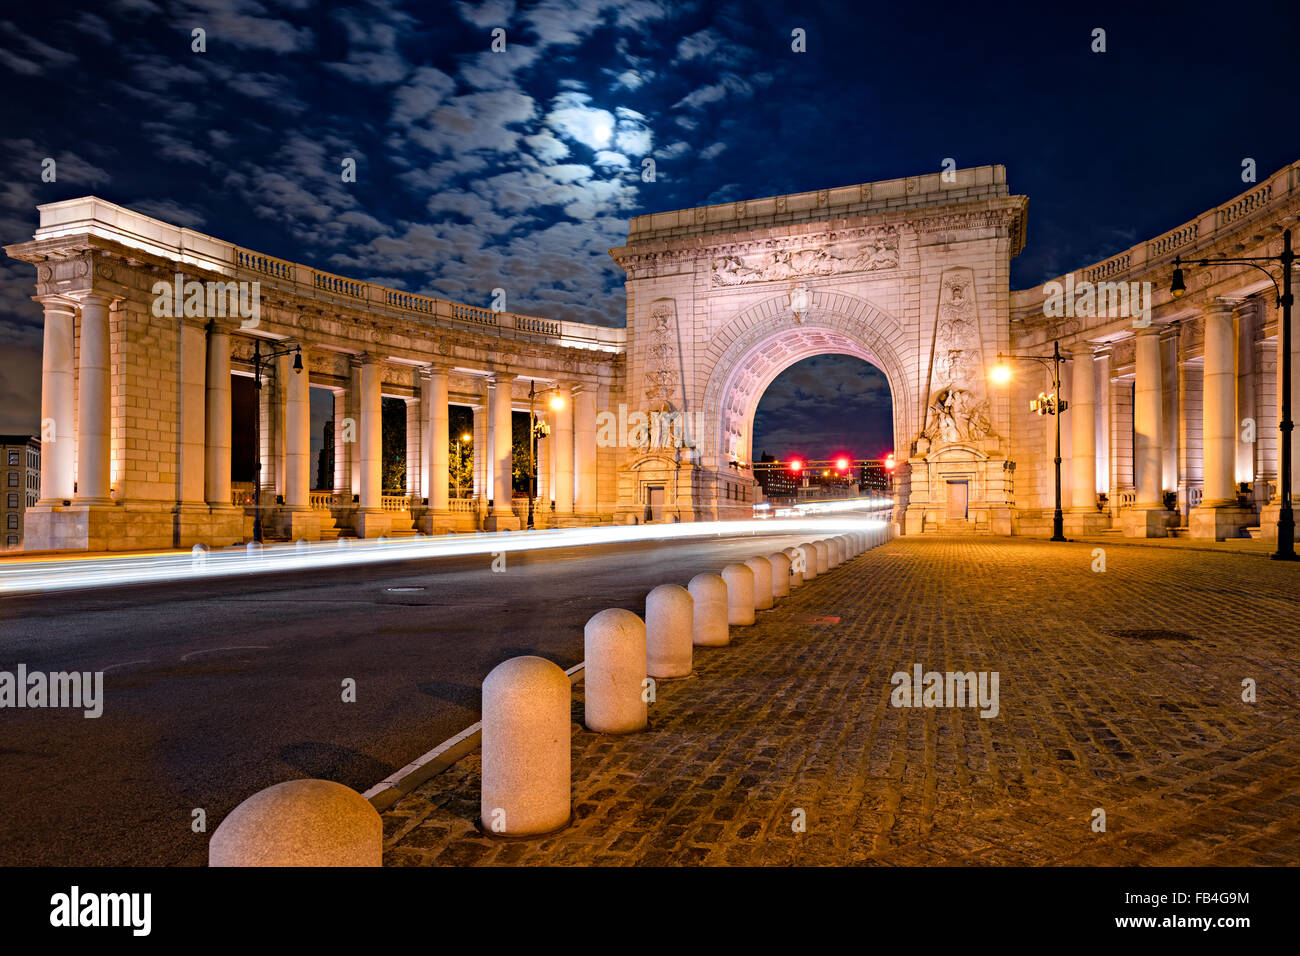 Beleuchtete Triumphbogen und Kolonnade der Manhattan Bridge Eingang im Mondlicht, Chinatown, Lower Manhattan, New Stockfoto